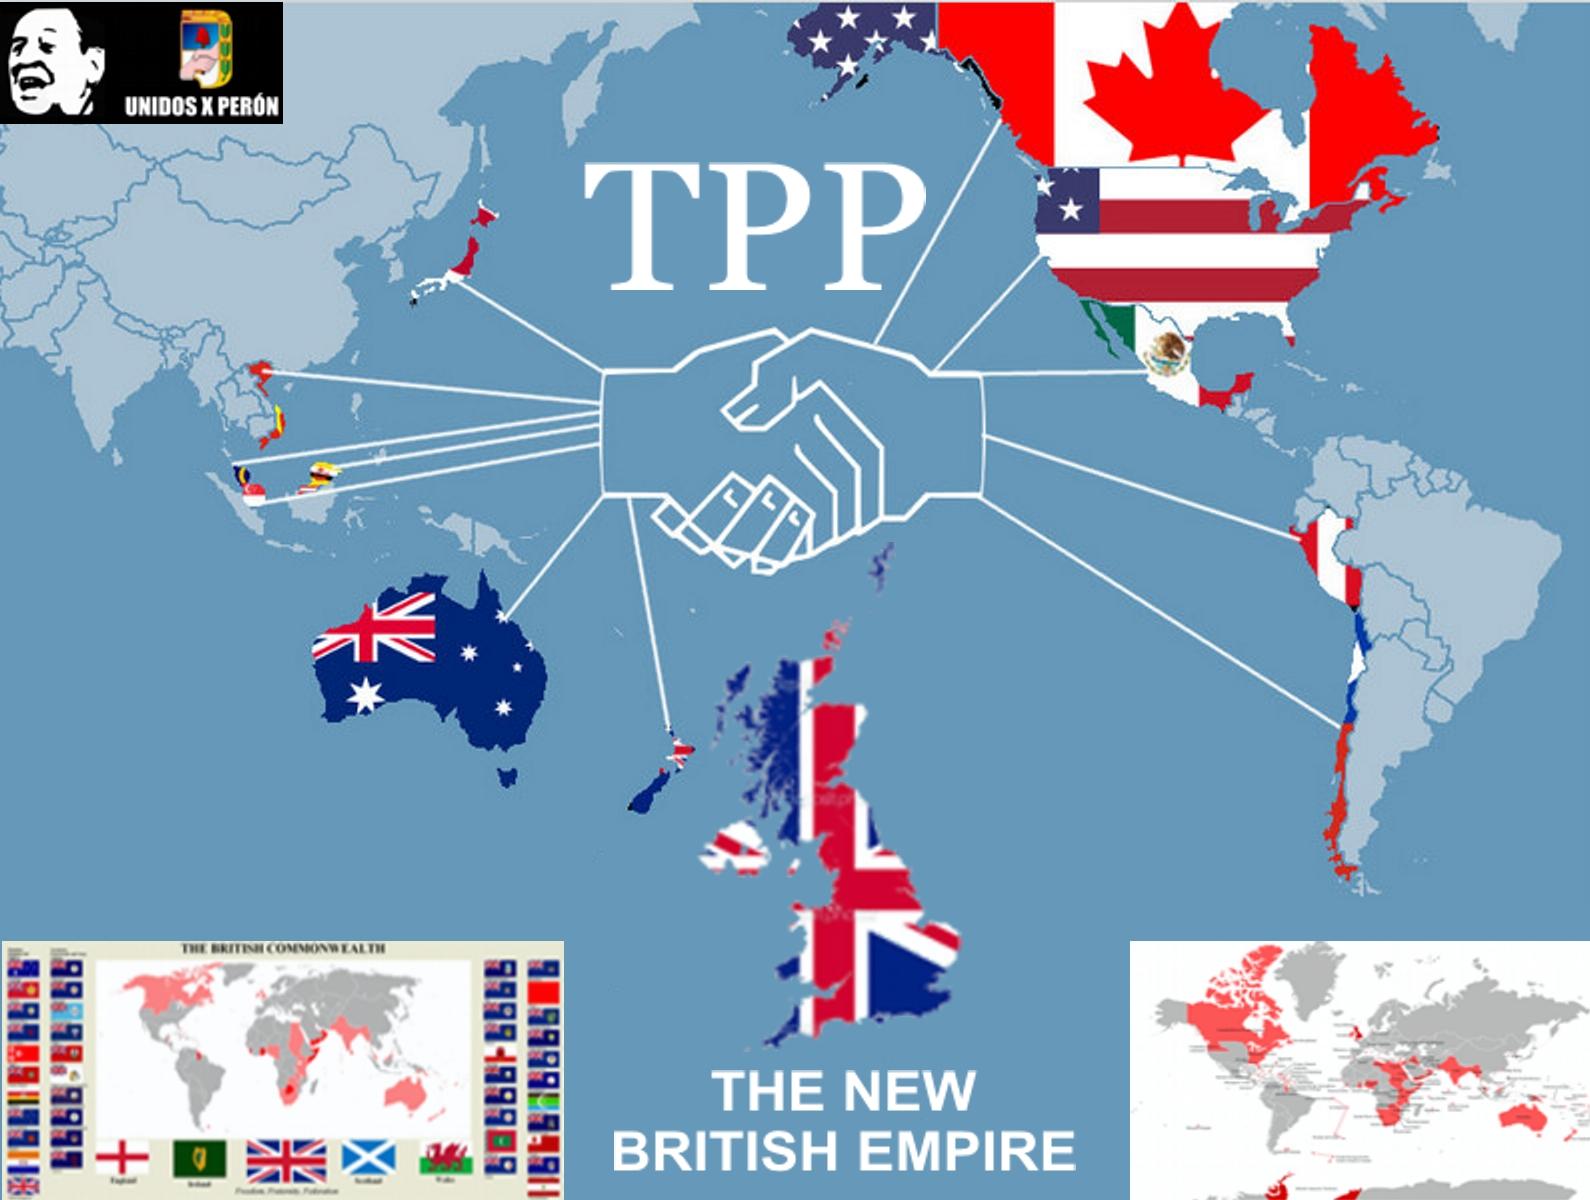 Adi s a la soberan a nacional se viene el tpp for Que es politica internacional